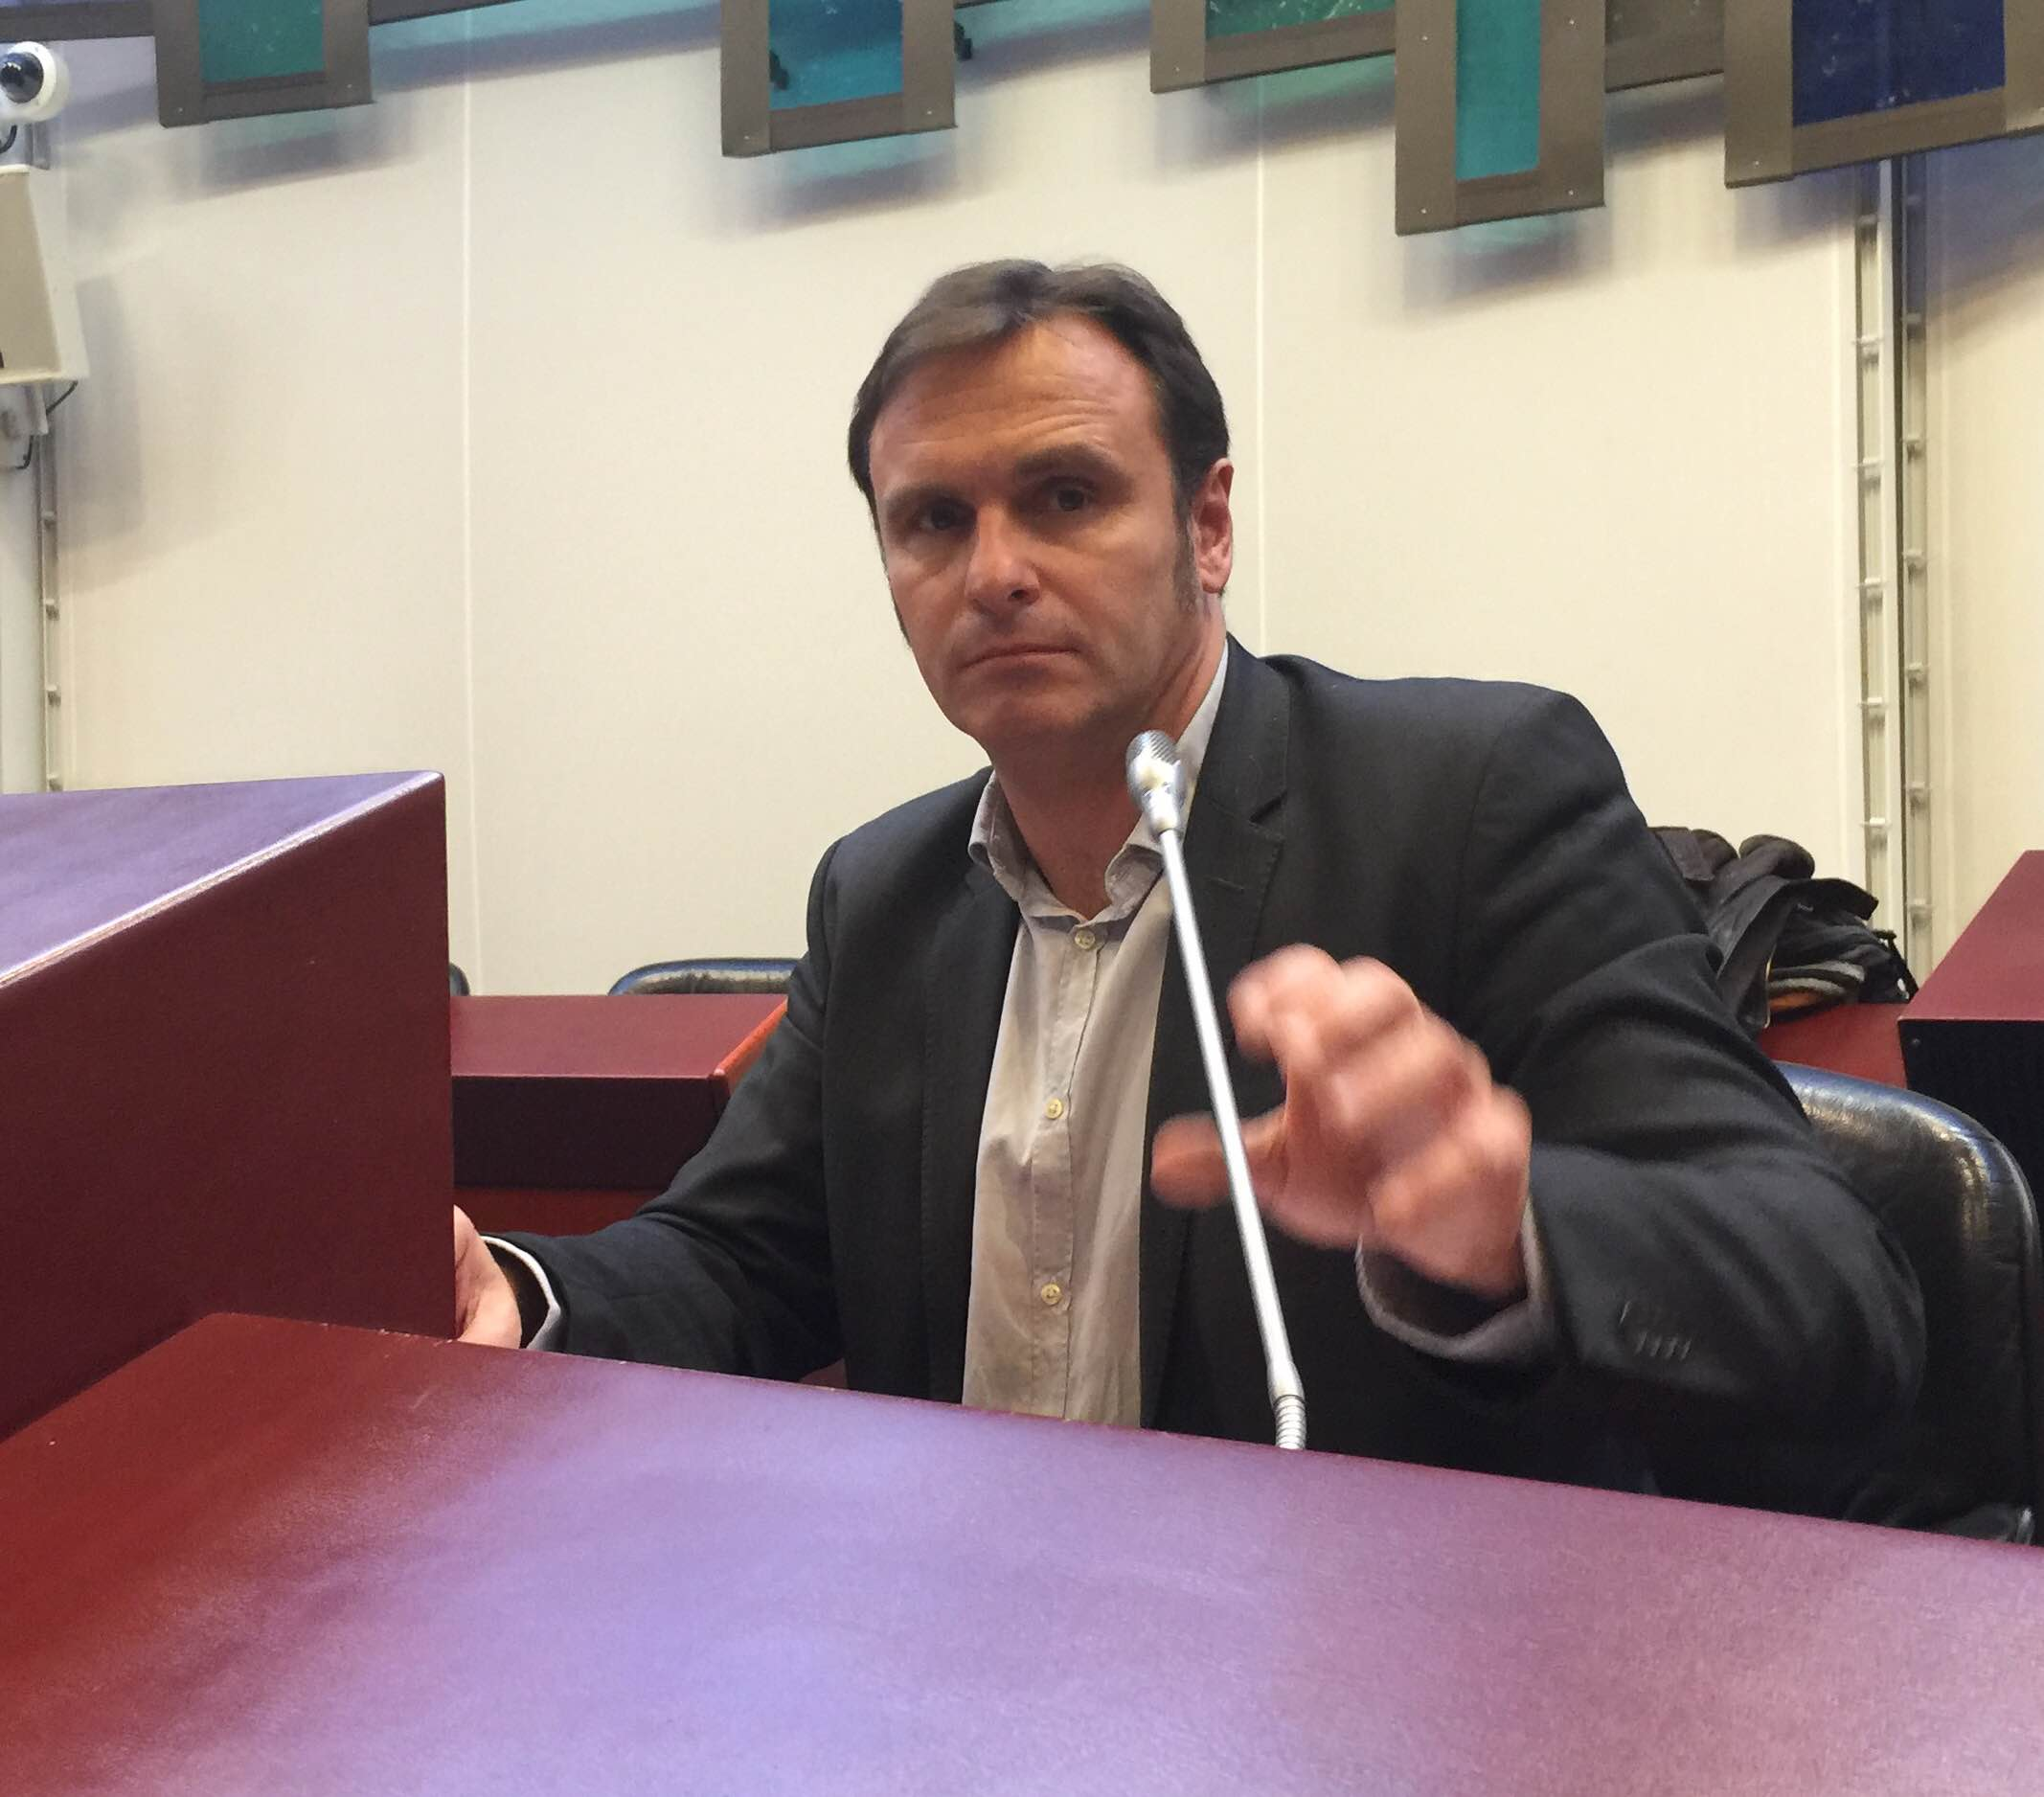 Hier à Rennes, Guy Detrouselle au congrès du SNRL ©Serge Surpin